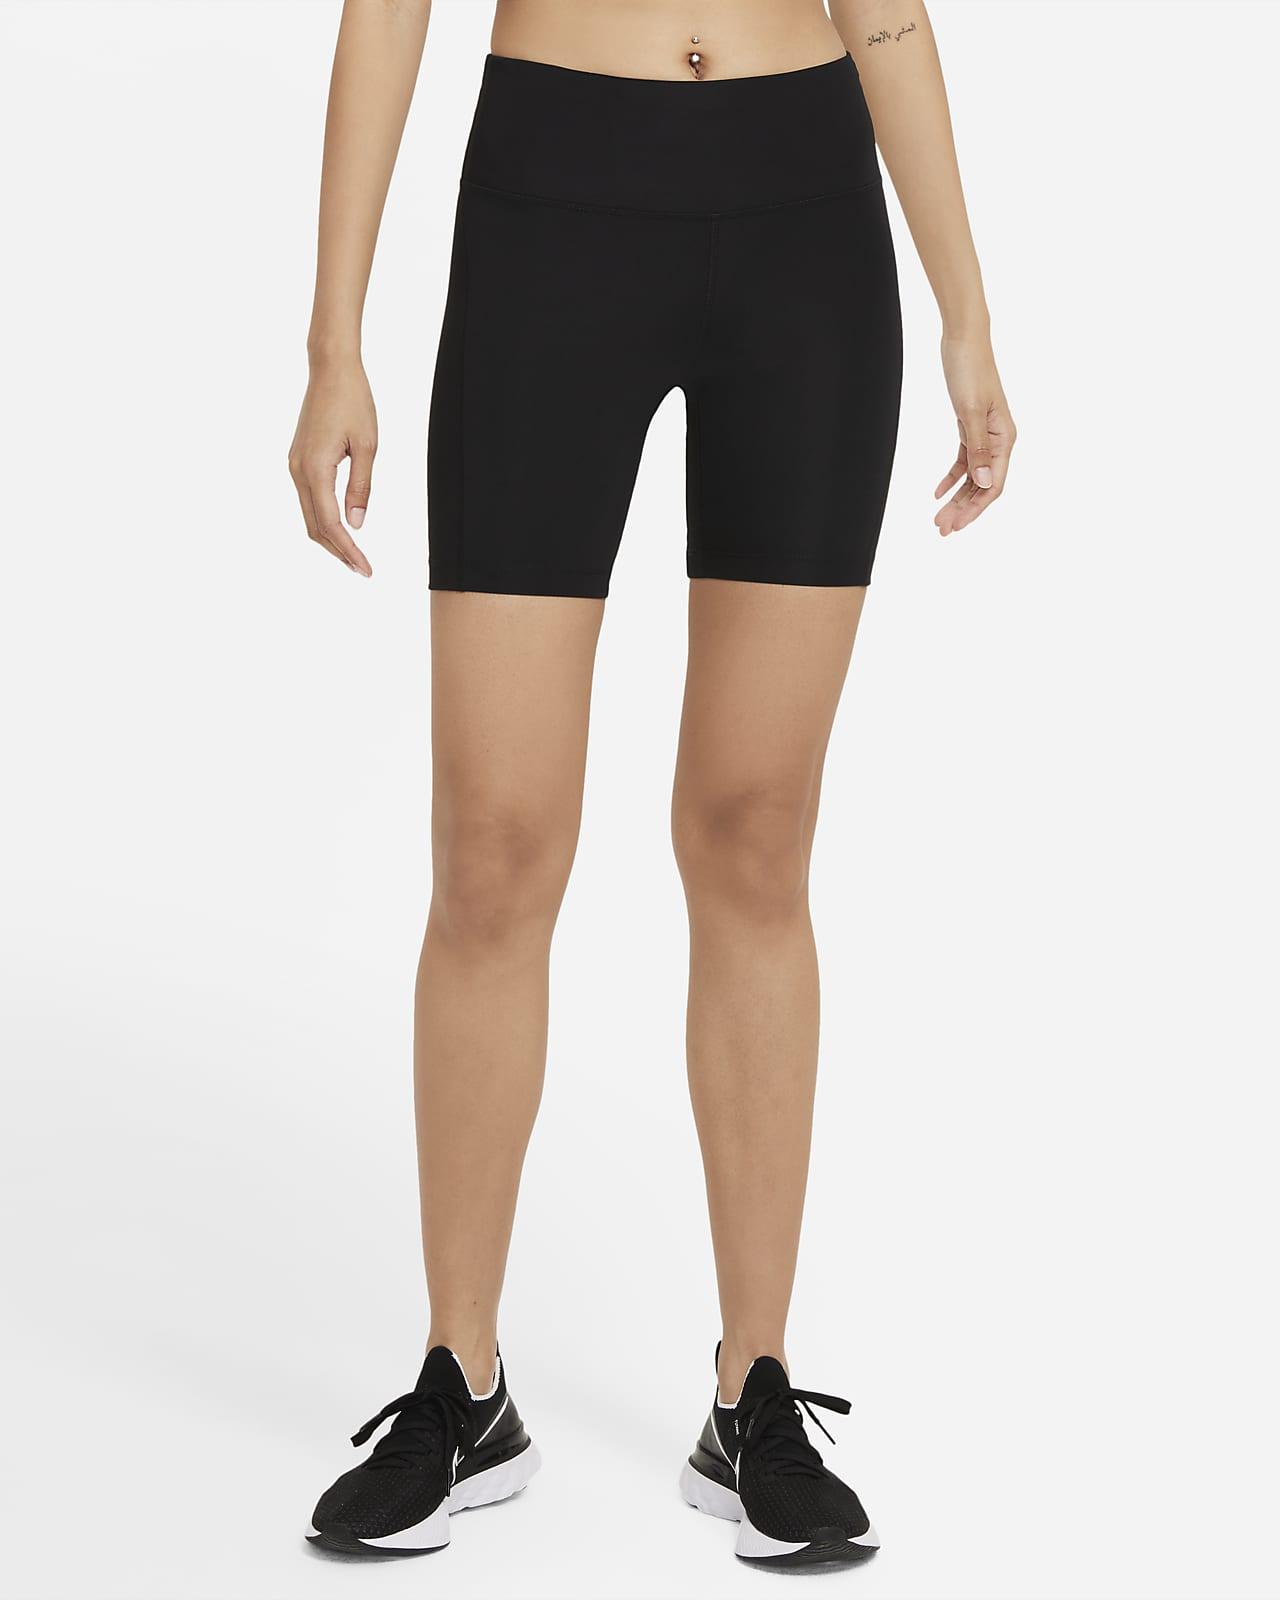 Женские беговые шорты со средней посадкой Nike Dri-FIT Fast 18 см